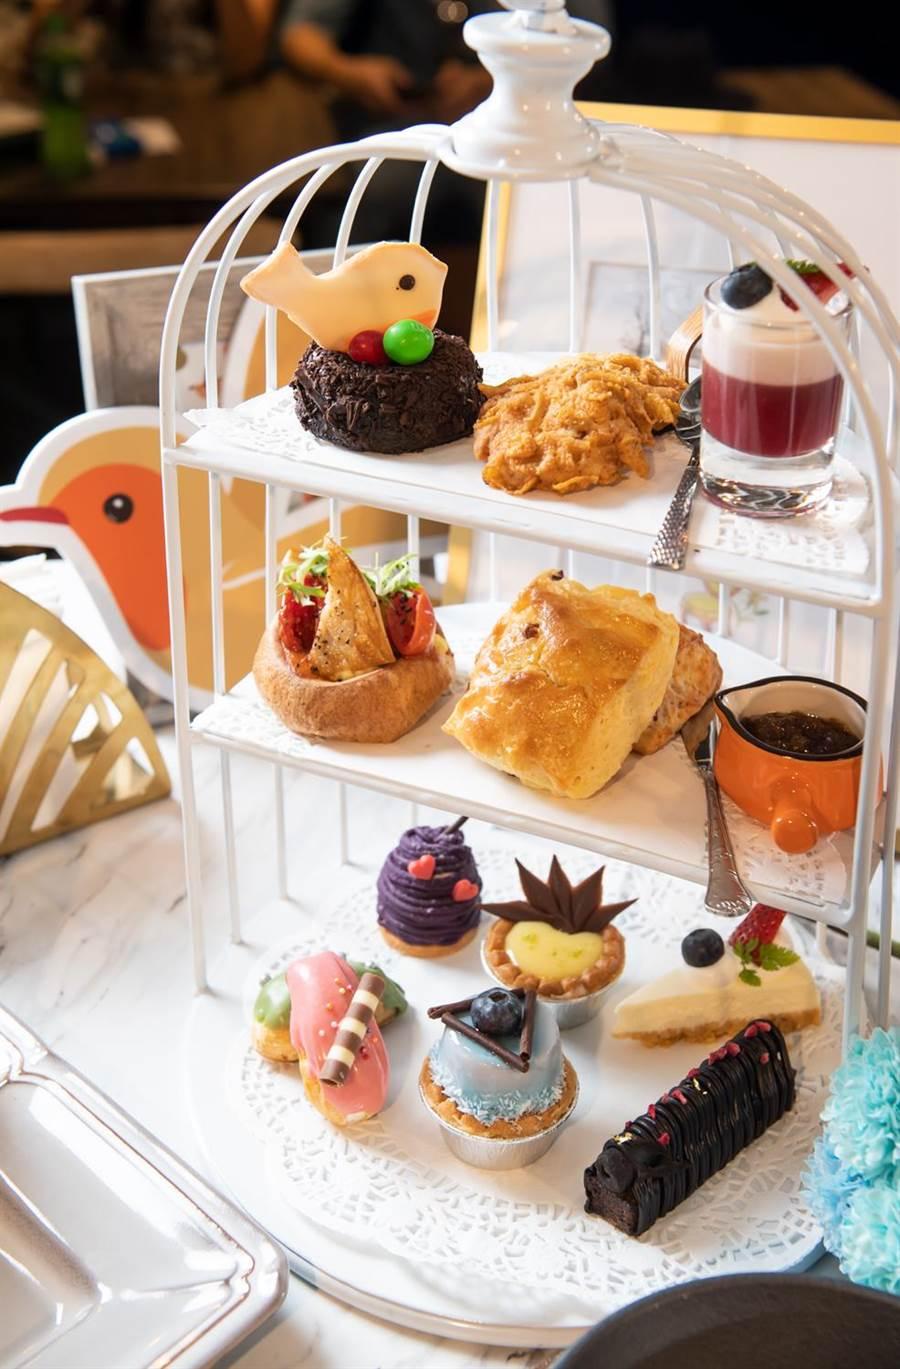 以品牌「知更鳥」意象打造的「皇室的秘密」3層下午茶甜點。(Engolili提供)